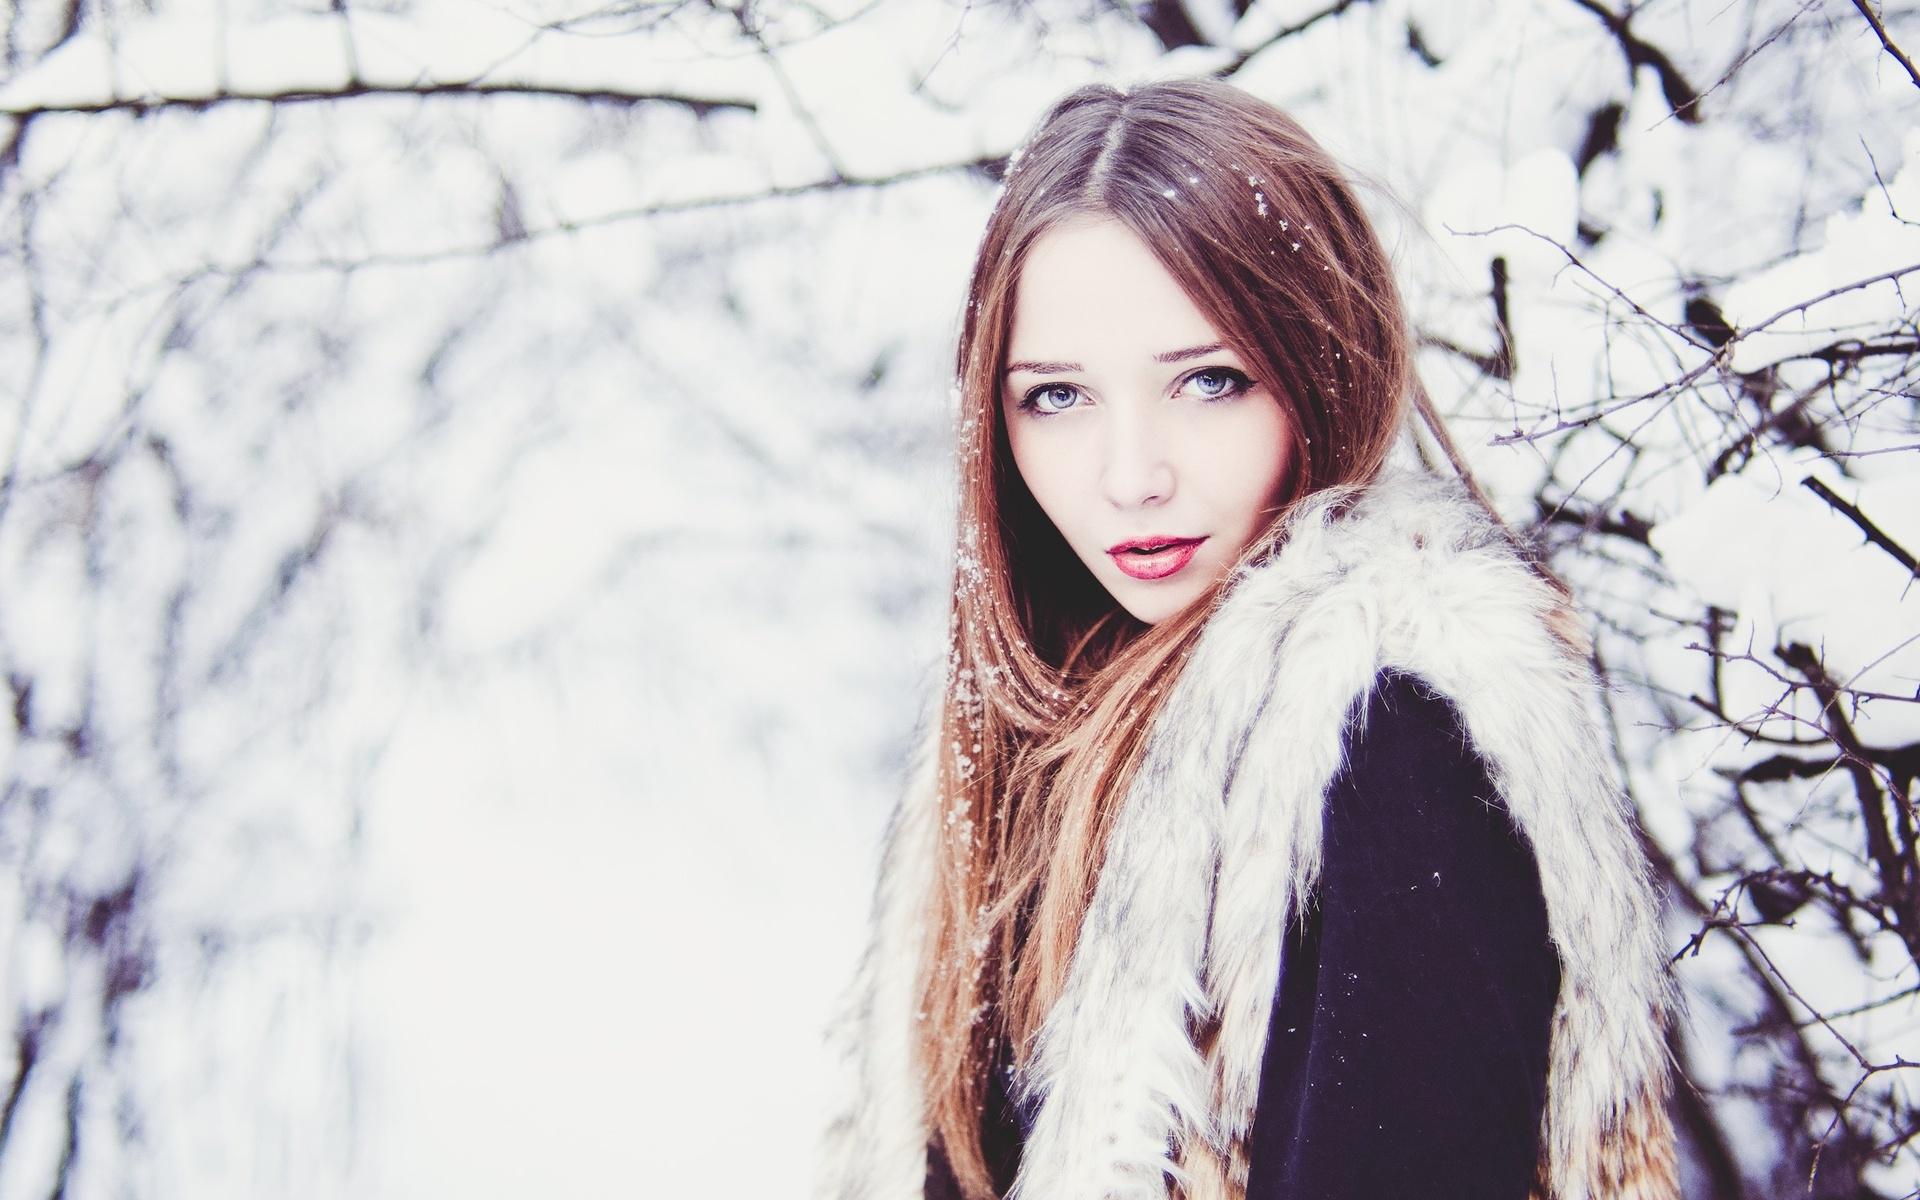 Картинки девушек зима снег, для мамы